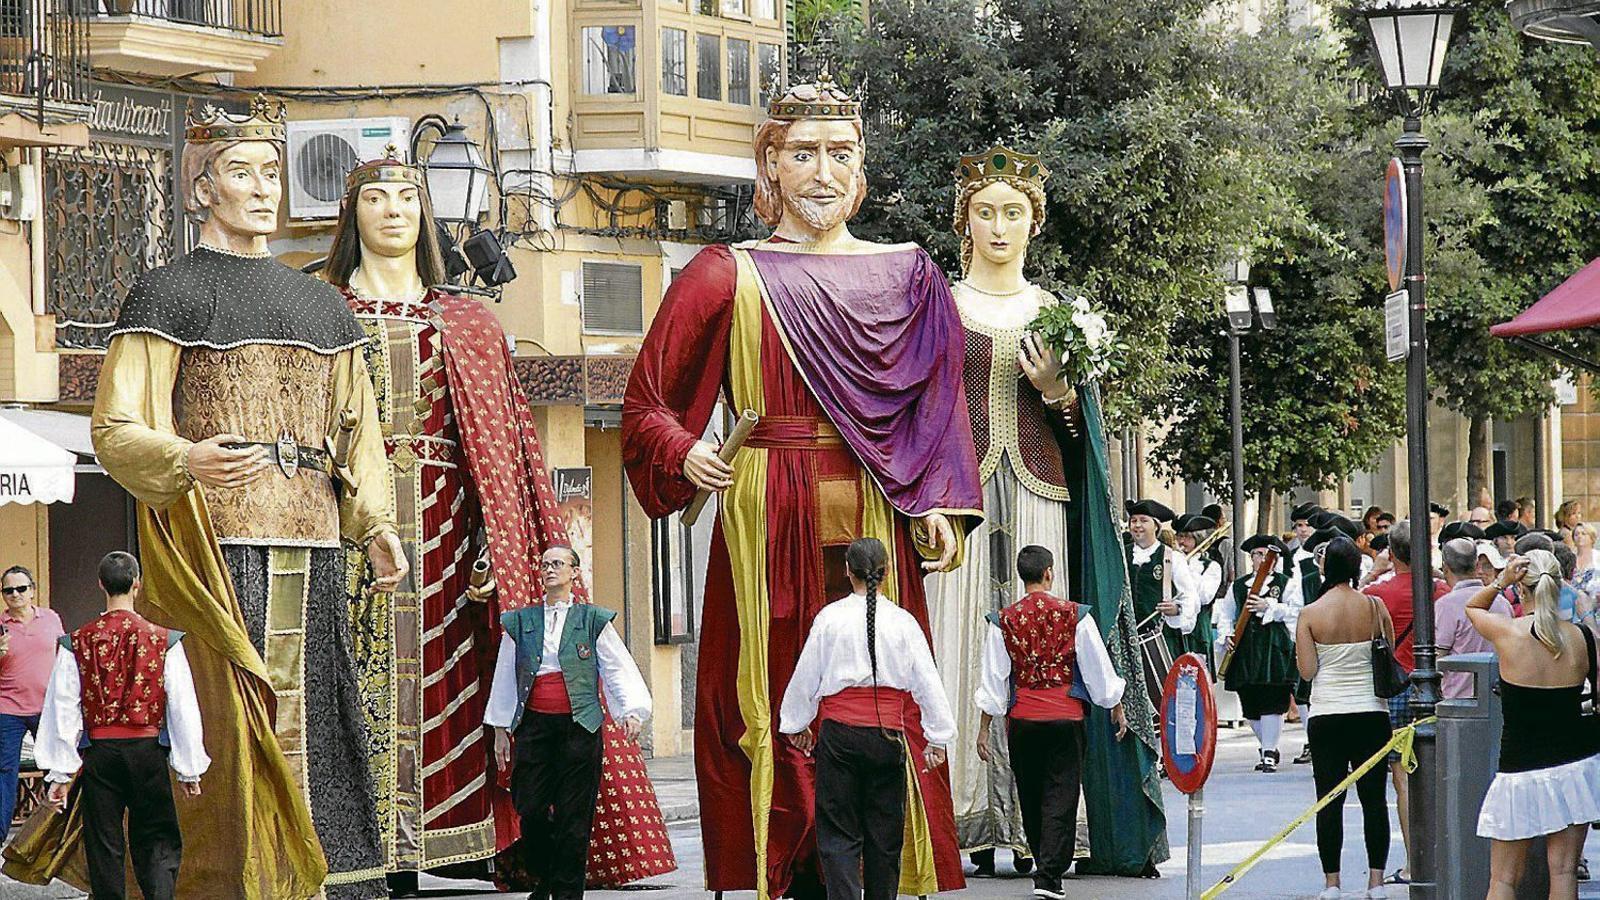 Els gegants són un habitual de la Diada de Mallorca